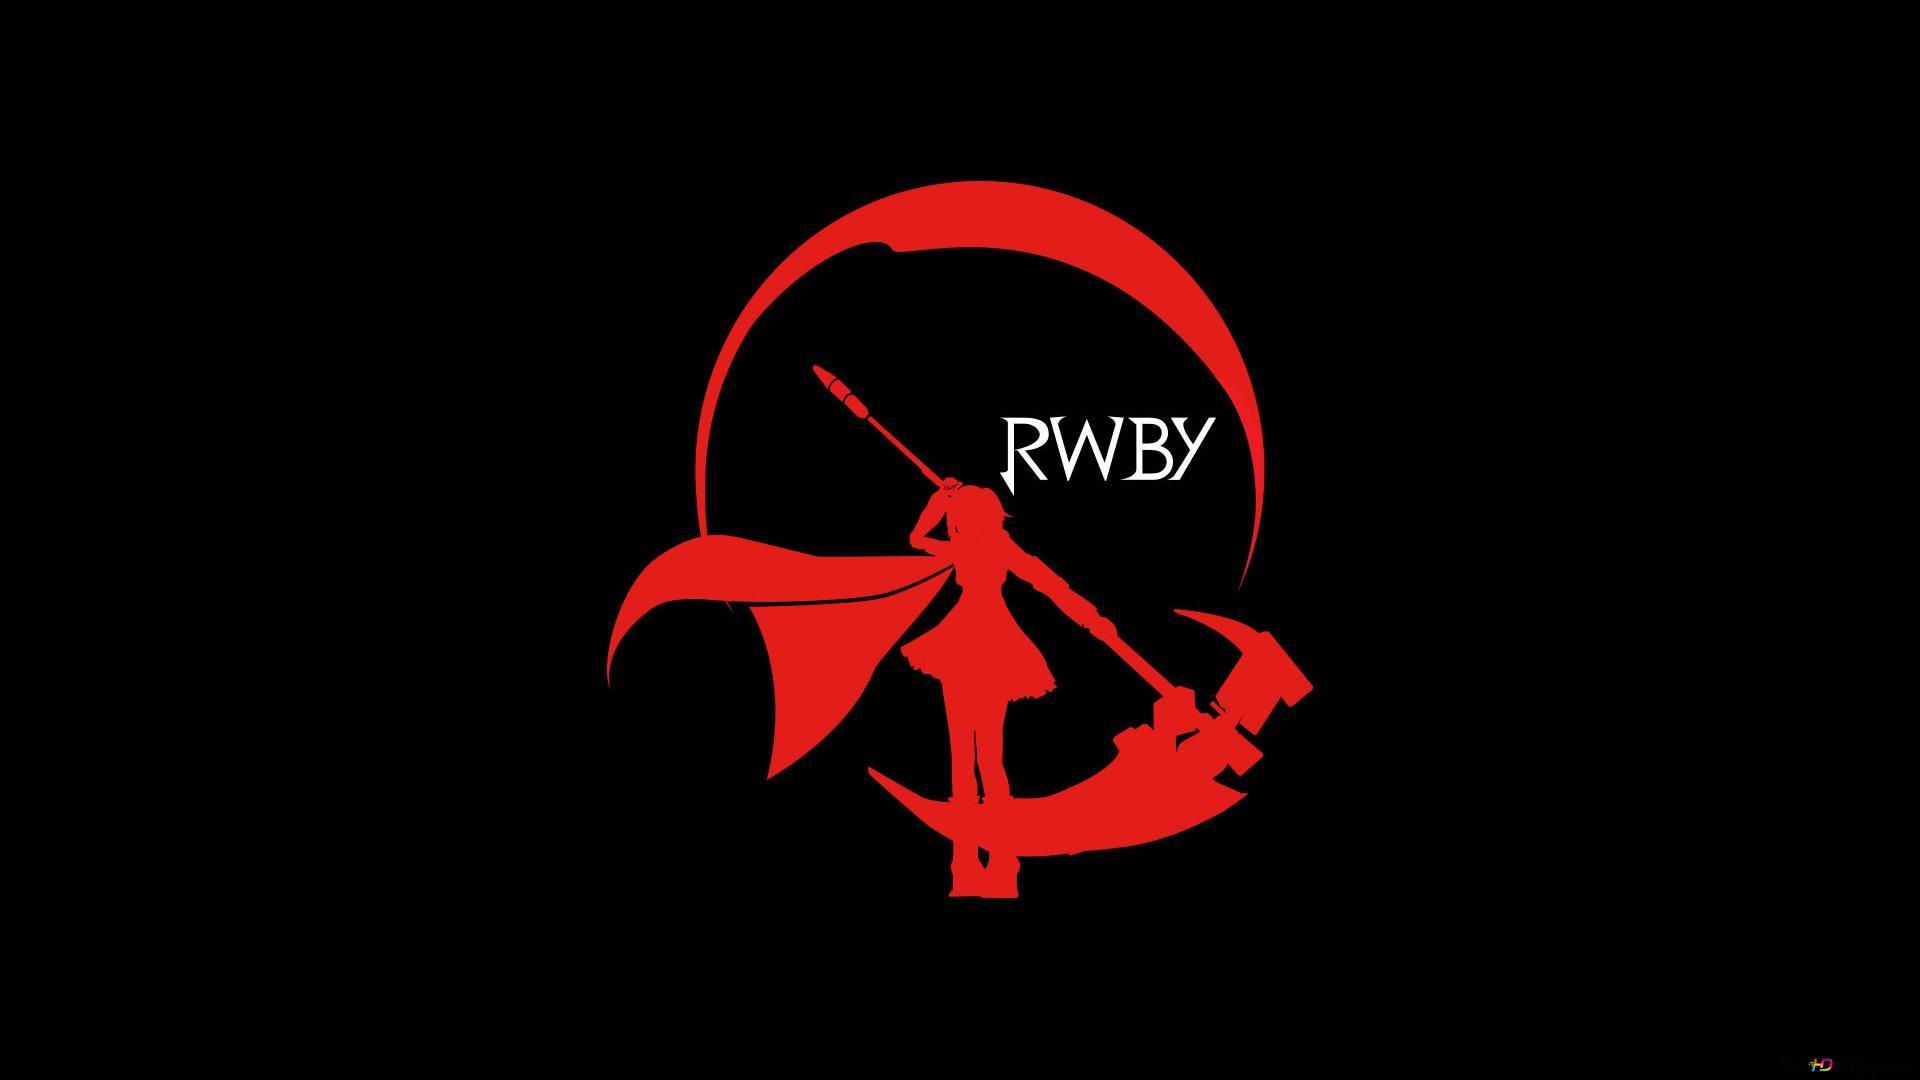 Rwby ルビーローズ Scyth月ロゴ Hd壁紙のダウンロード